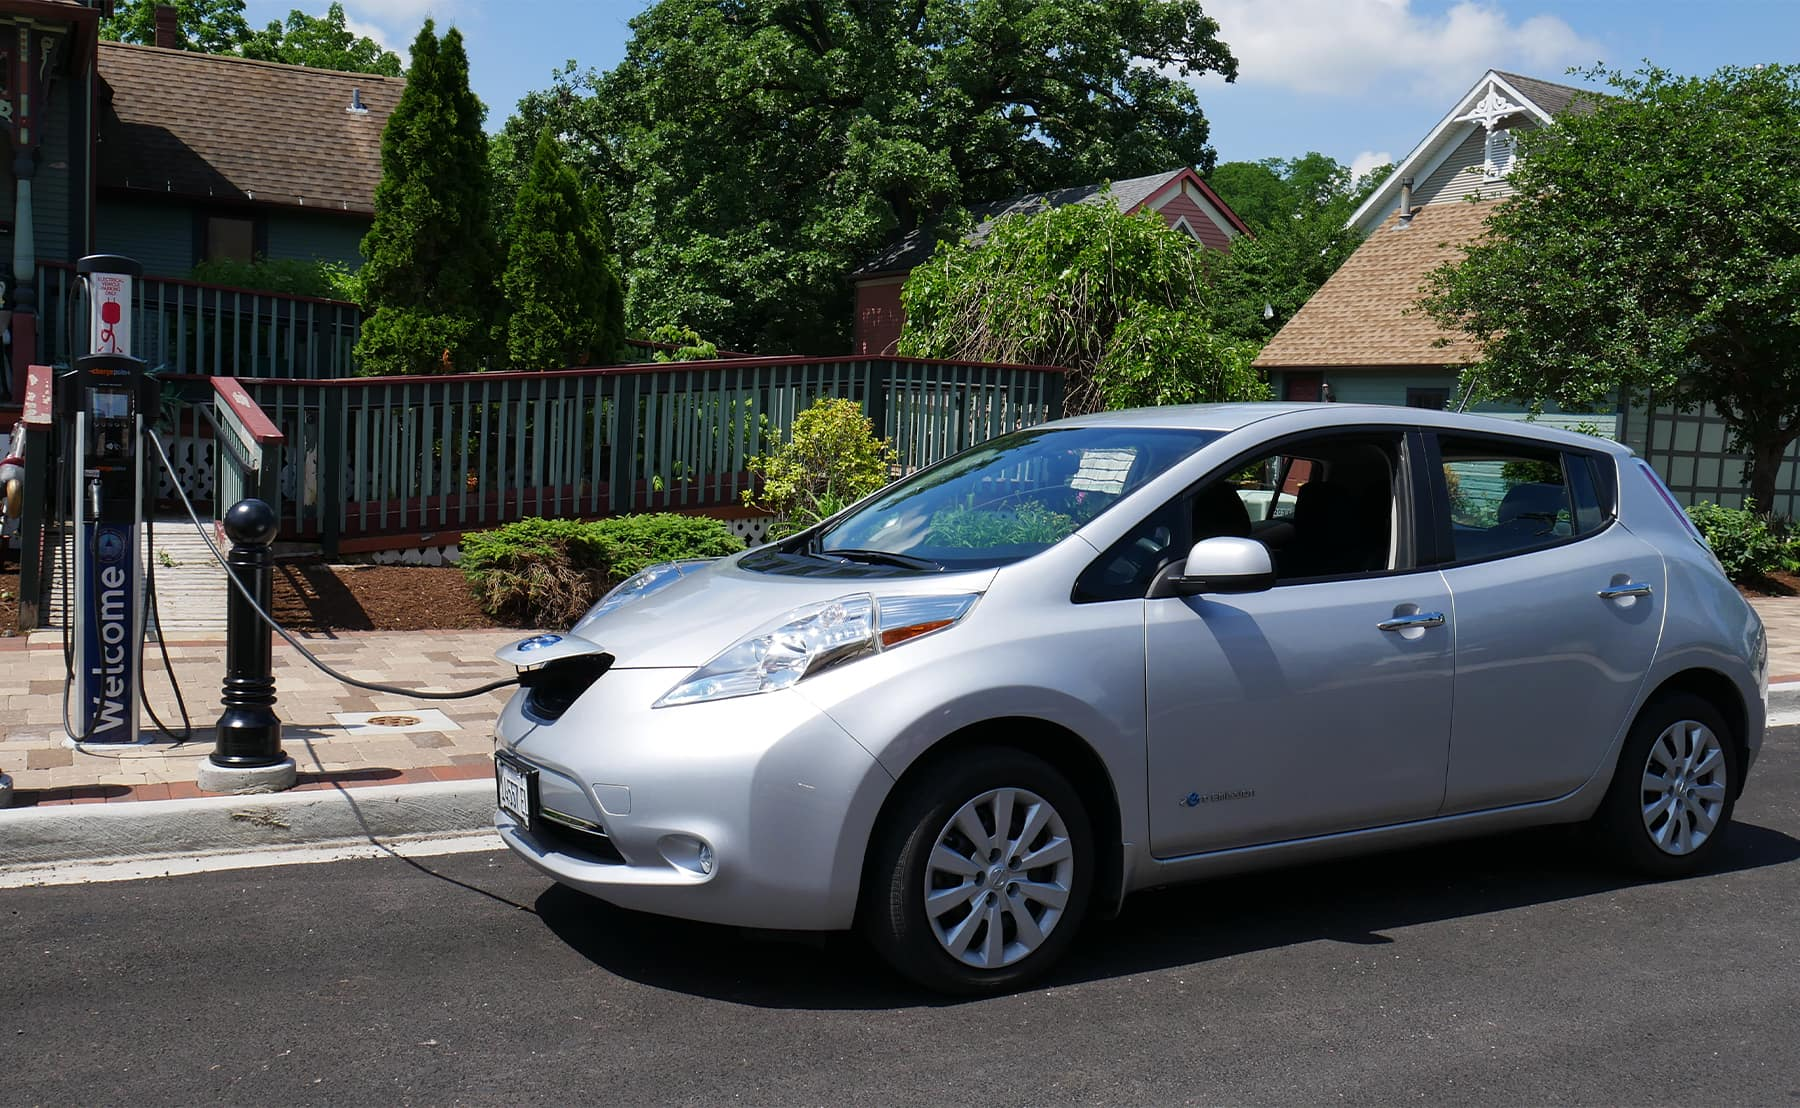 Nissan Leaf Public Charging